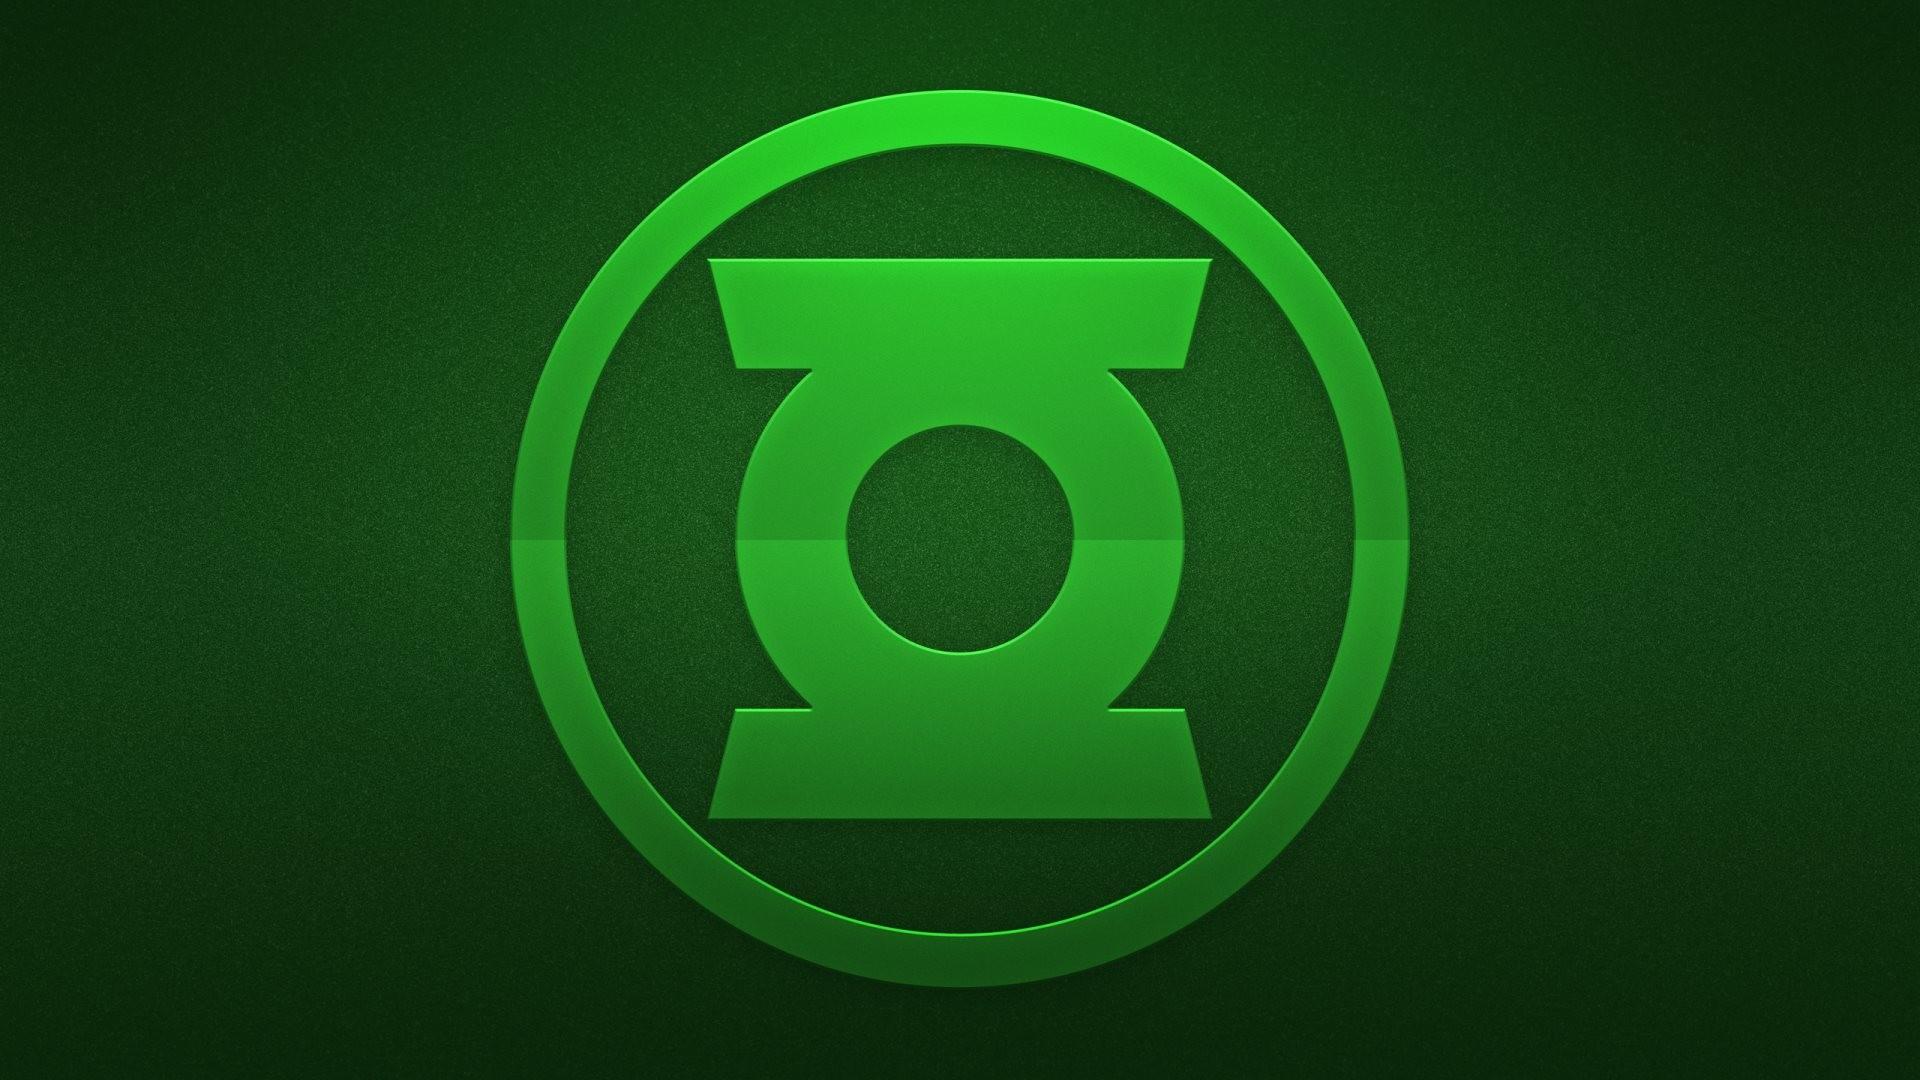 green lantern wallpaper hd – https://hdwallpaper.info/green-lantern-wallpaper-hd/  HD Wallpapers   HD Wallpapers   Pinterest   Green lantern wallpaper and …